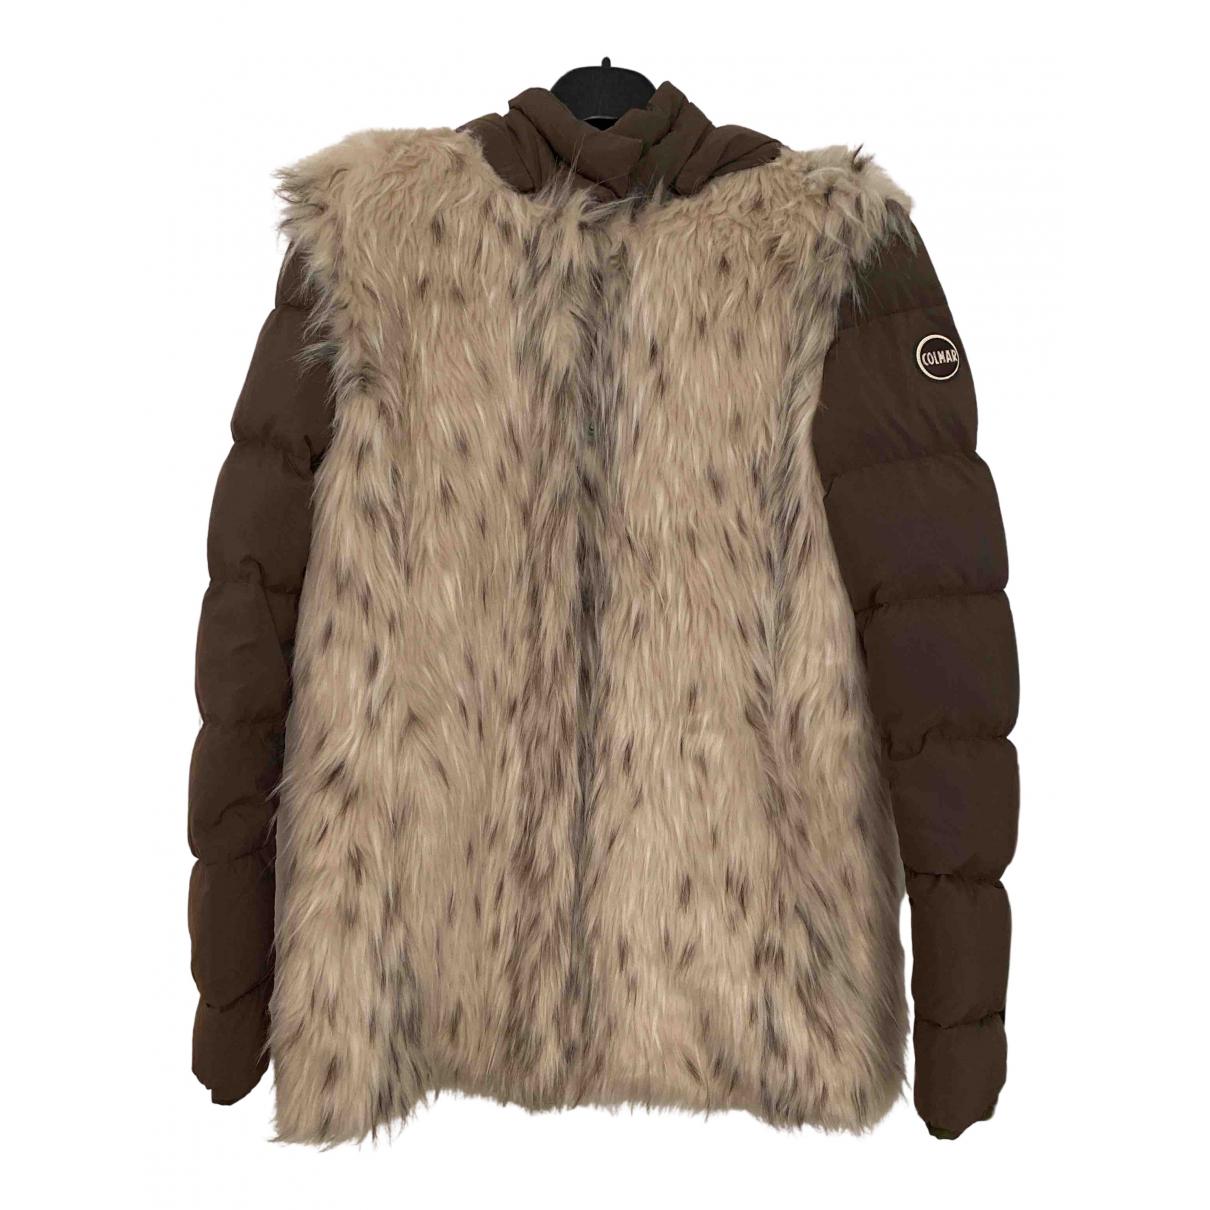 Colmar - Manteau   pour femme en fourrure synthetique - marron